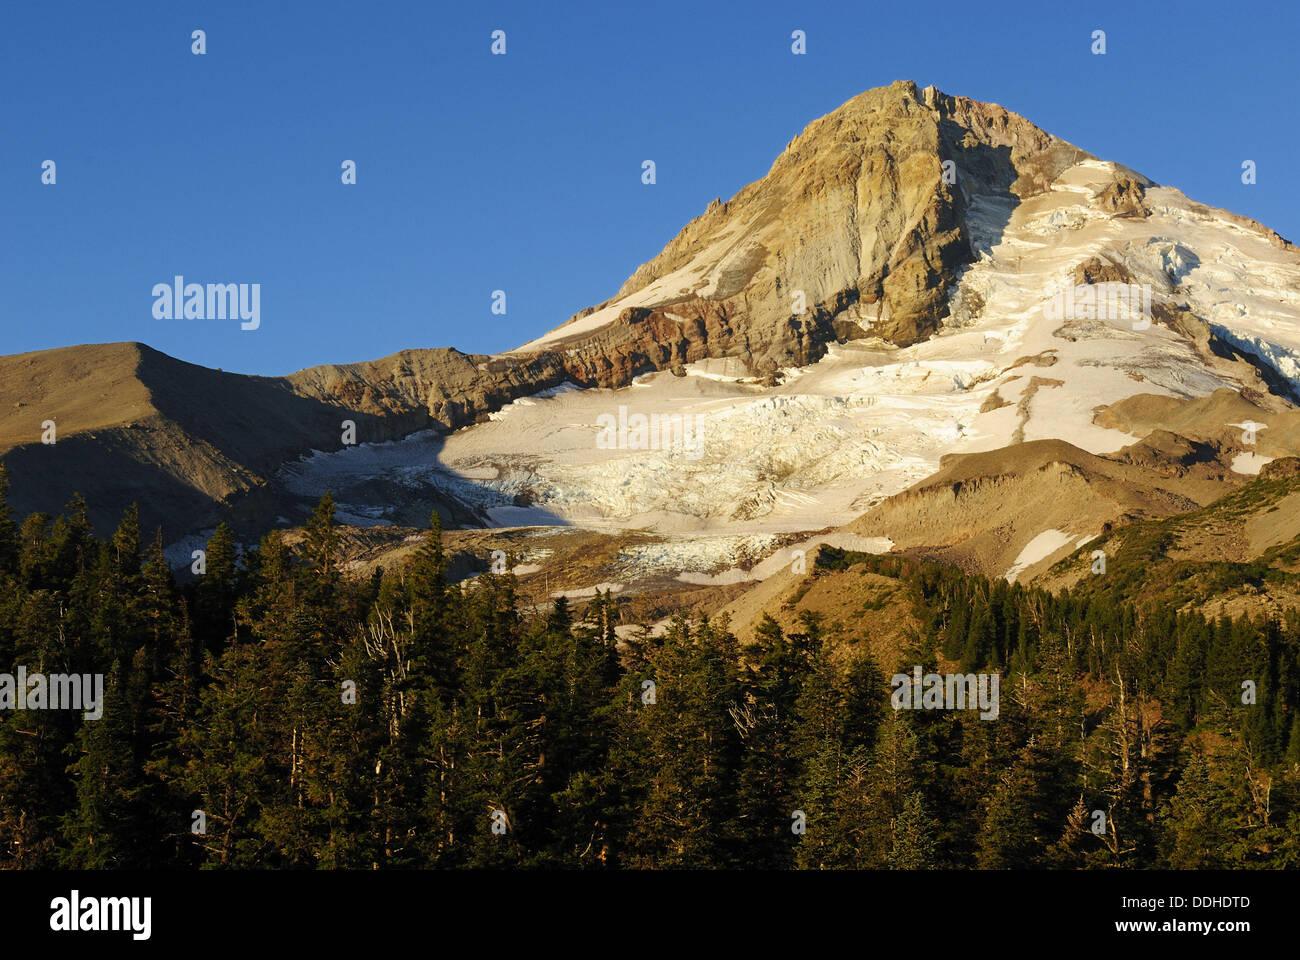 east face of Mount Hood volcanoe, Cascade Range, Oregon, USA Stock Photo